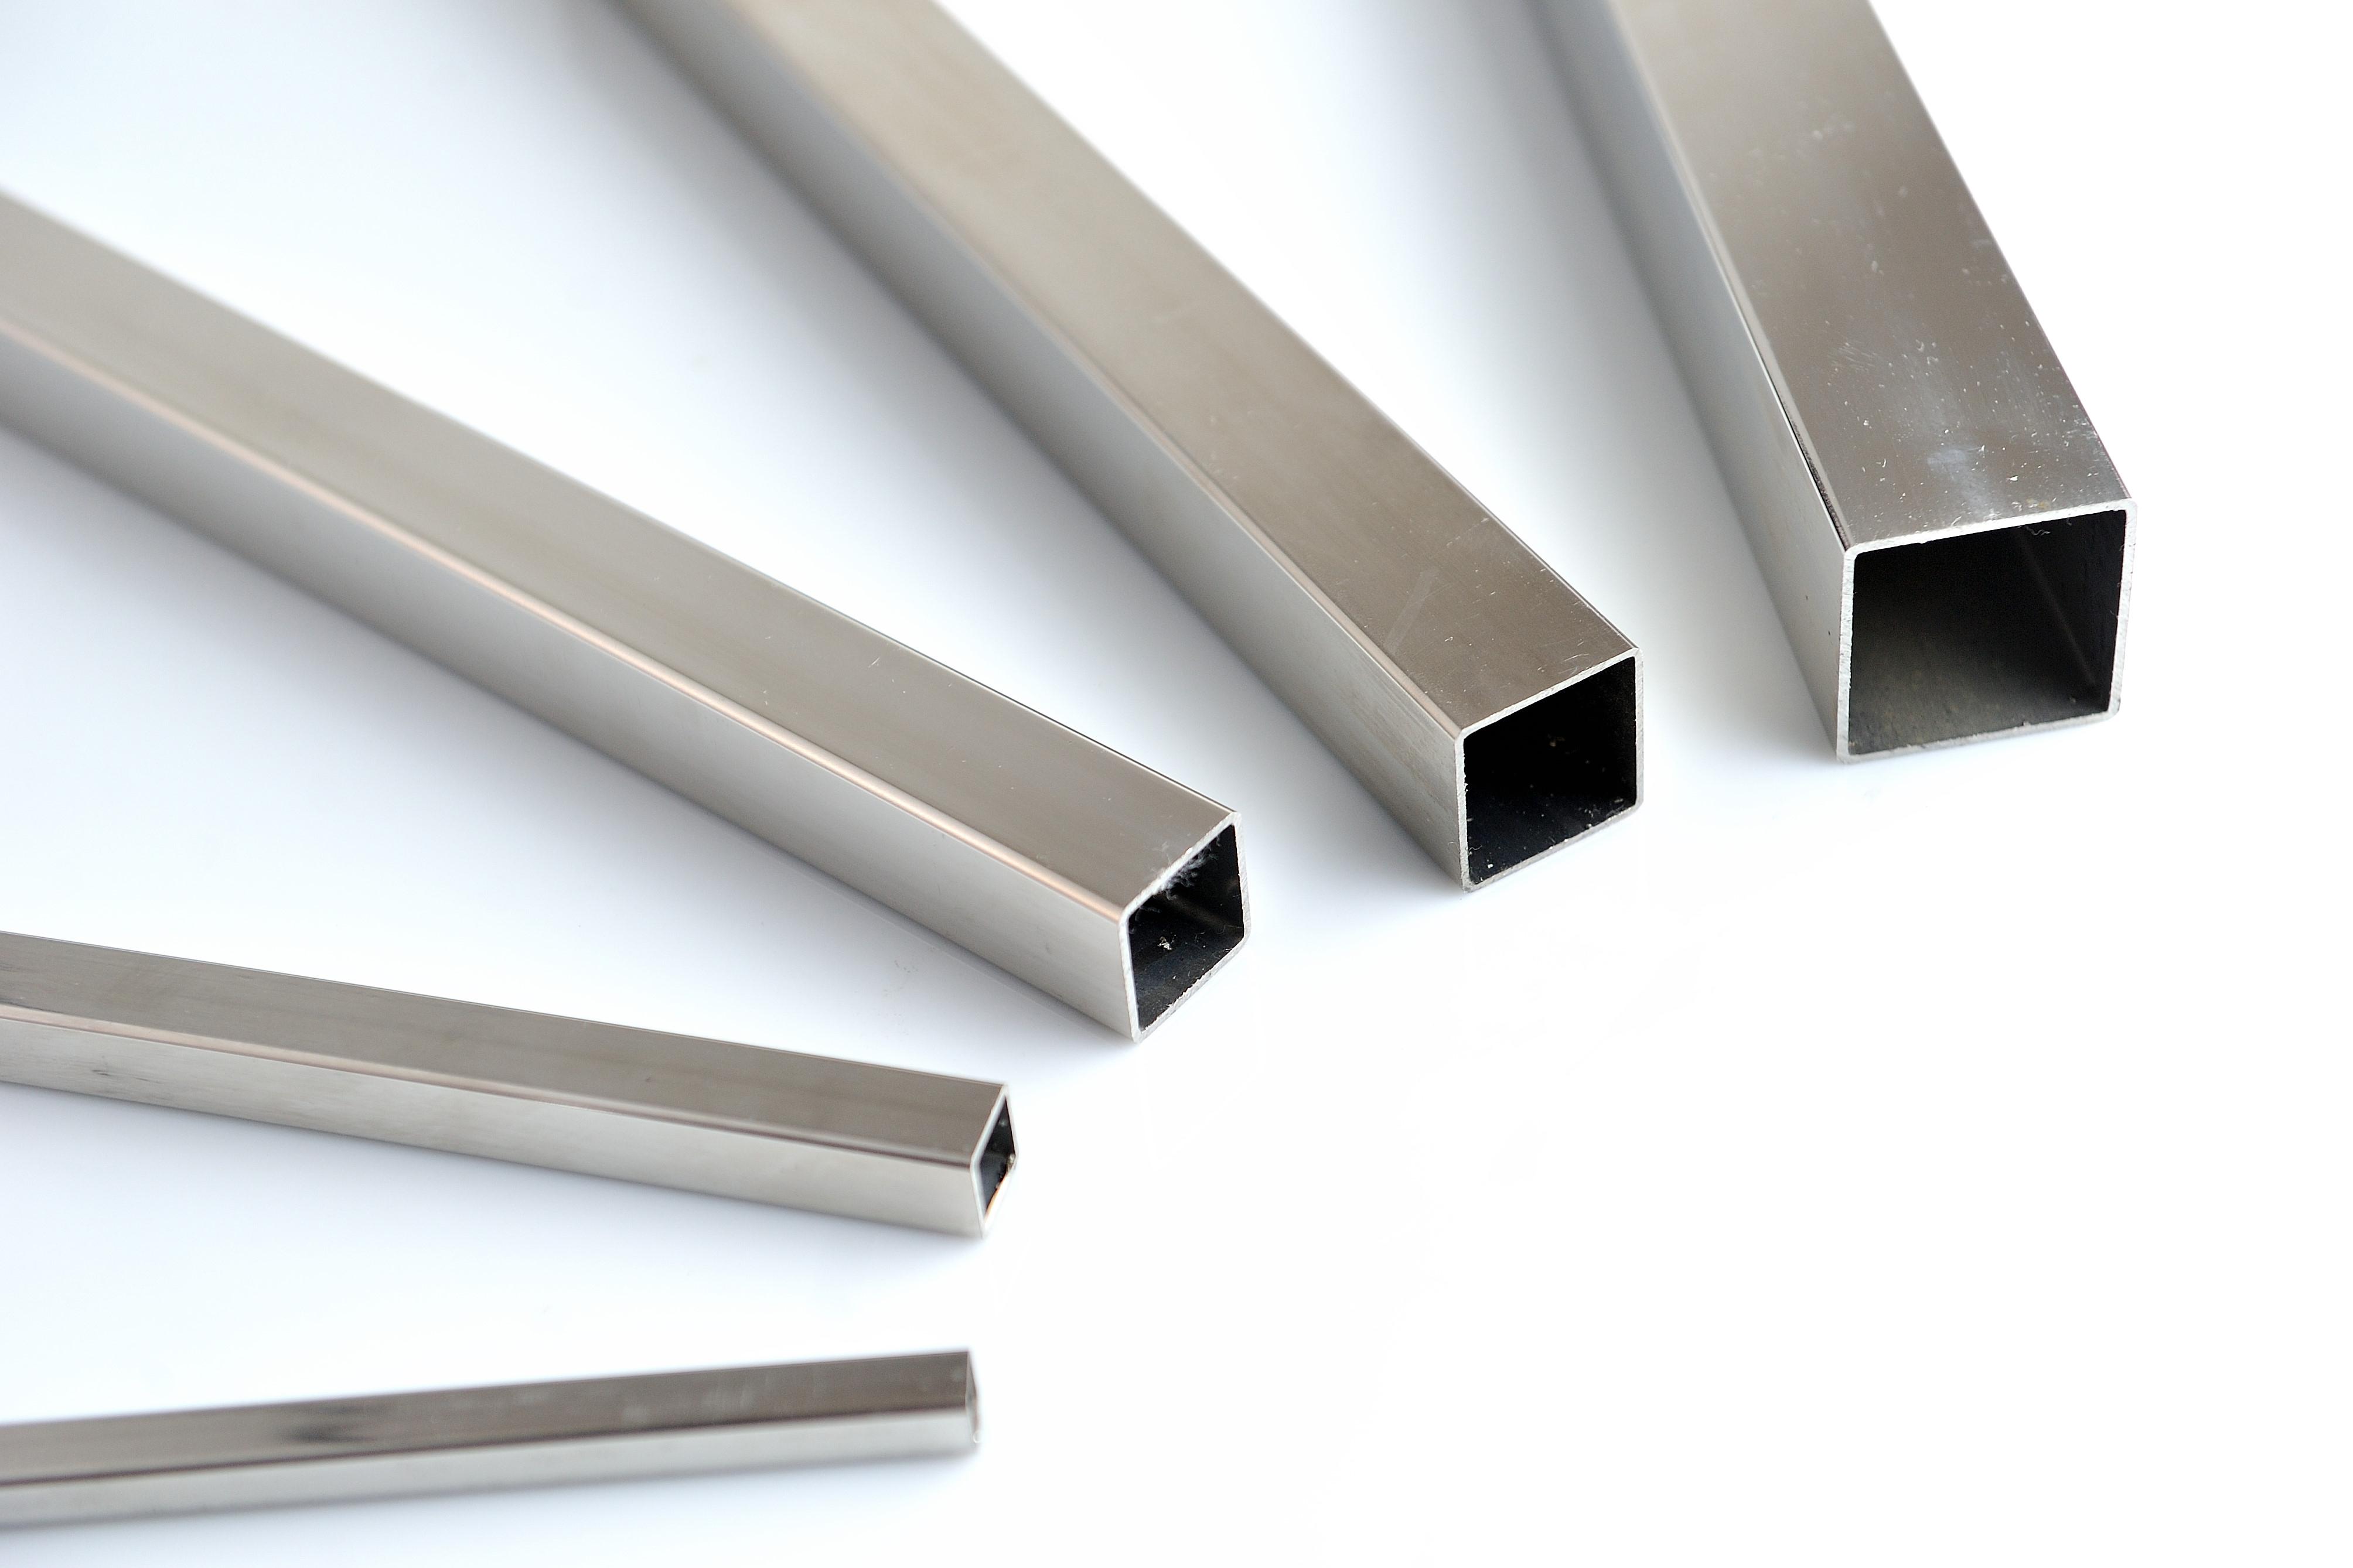 景鑫201不锈钢方管 不锈钢道具管厂家 道具展具用不锈钢管批发